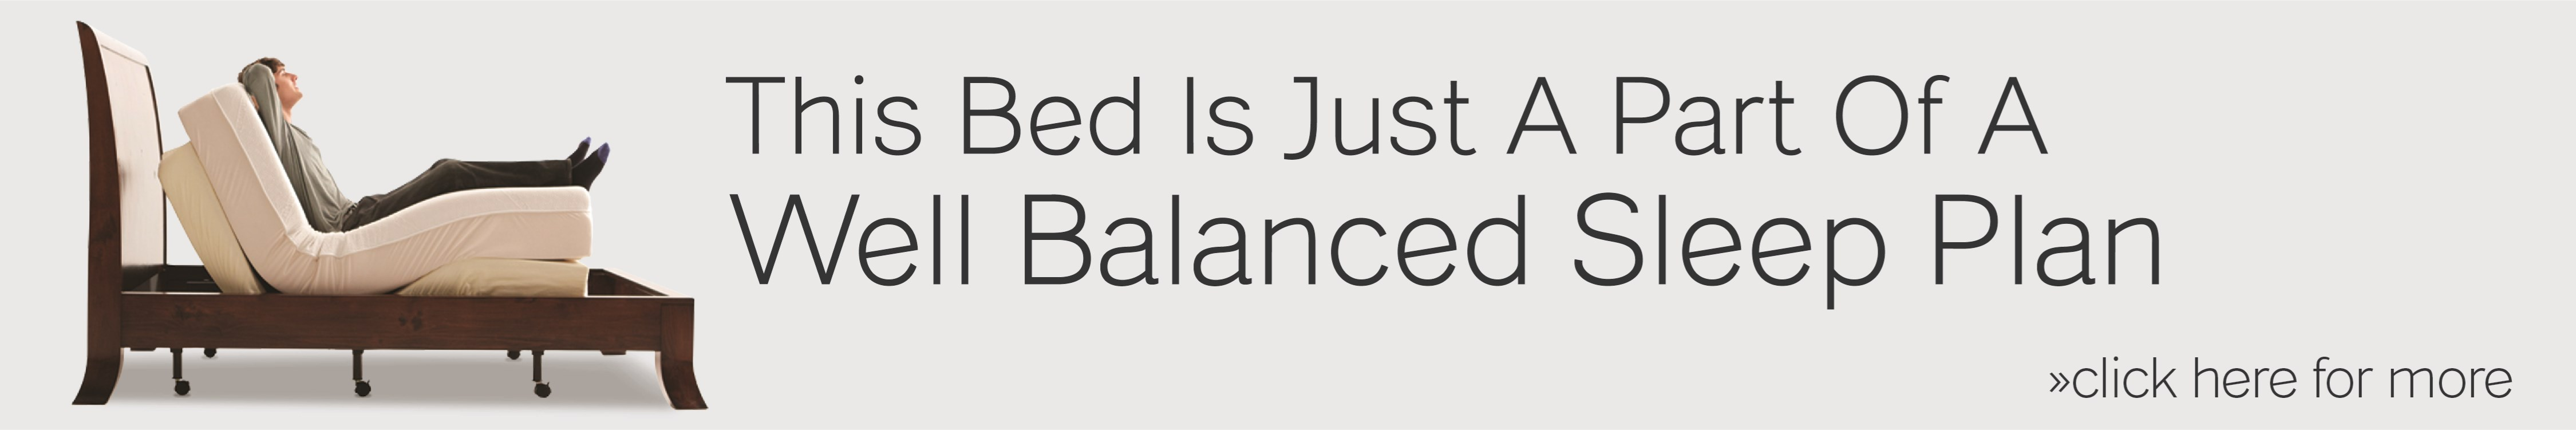 Well Balanced Sleep Plan